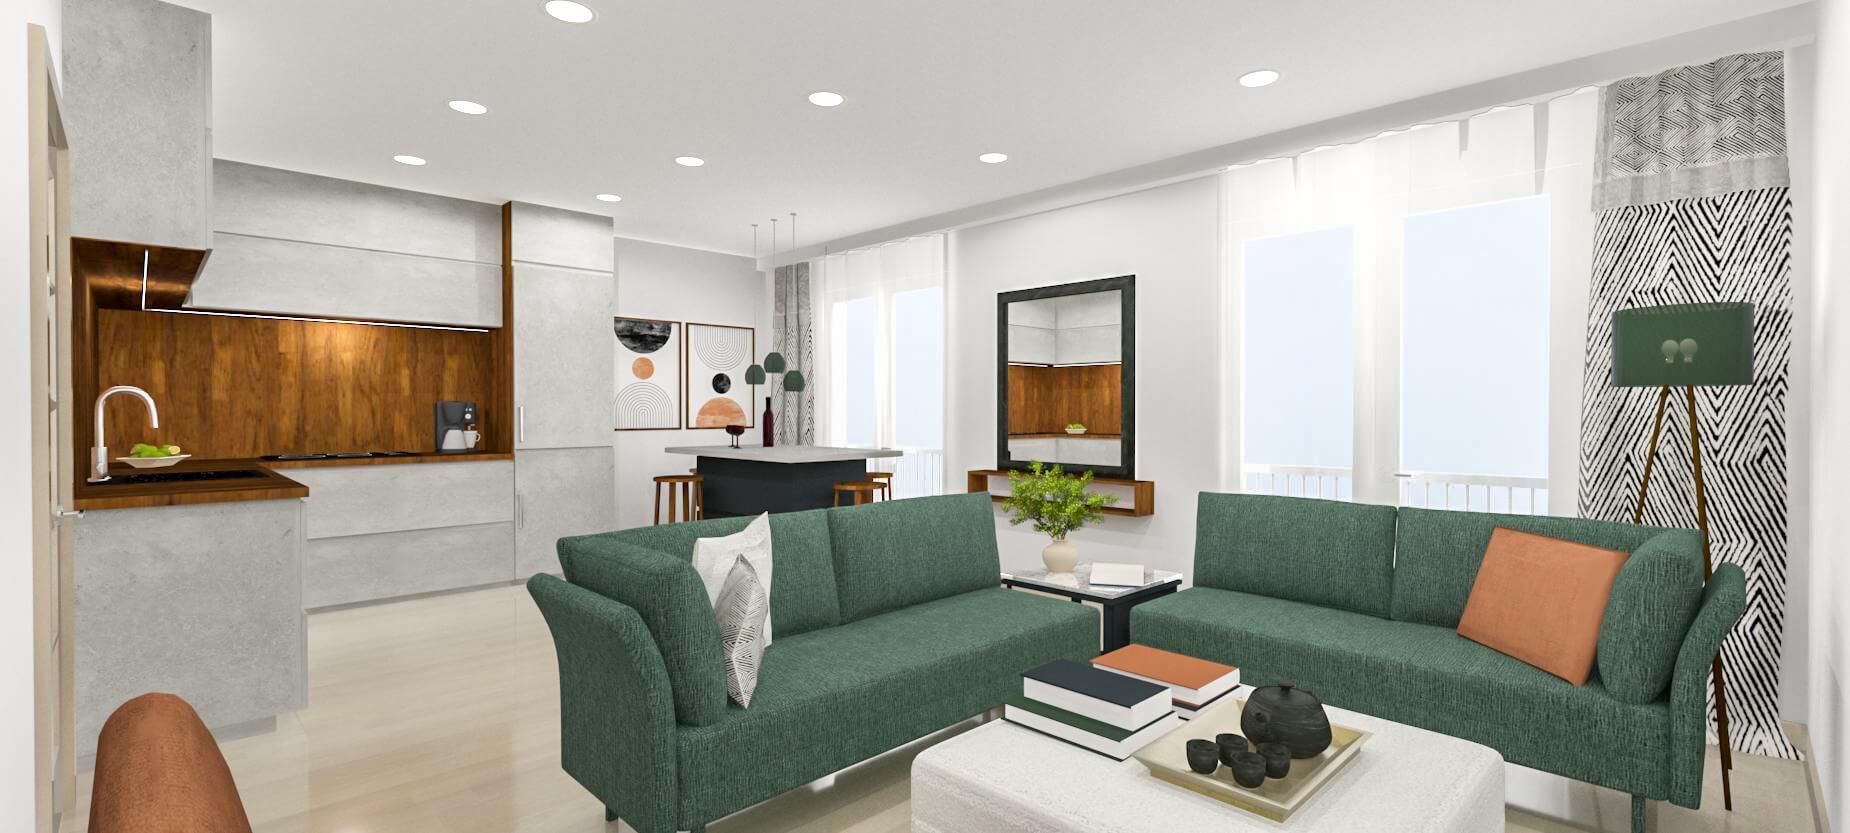 Novostavba mezonetového bytu č. 14 o velikosti 3+kk, cp: 78 m², Hustopeče